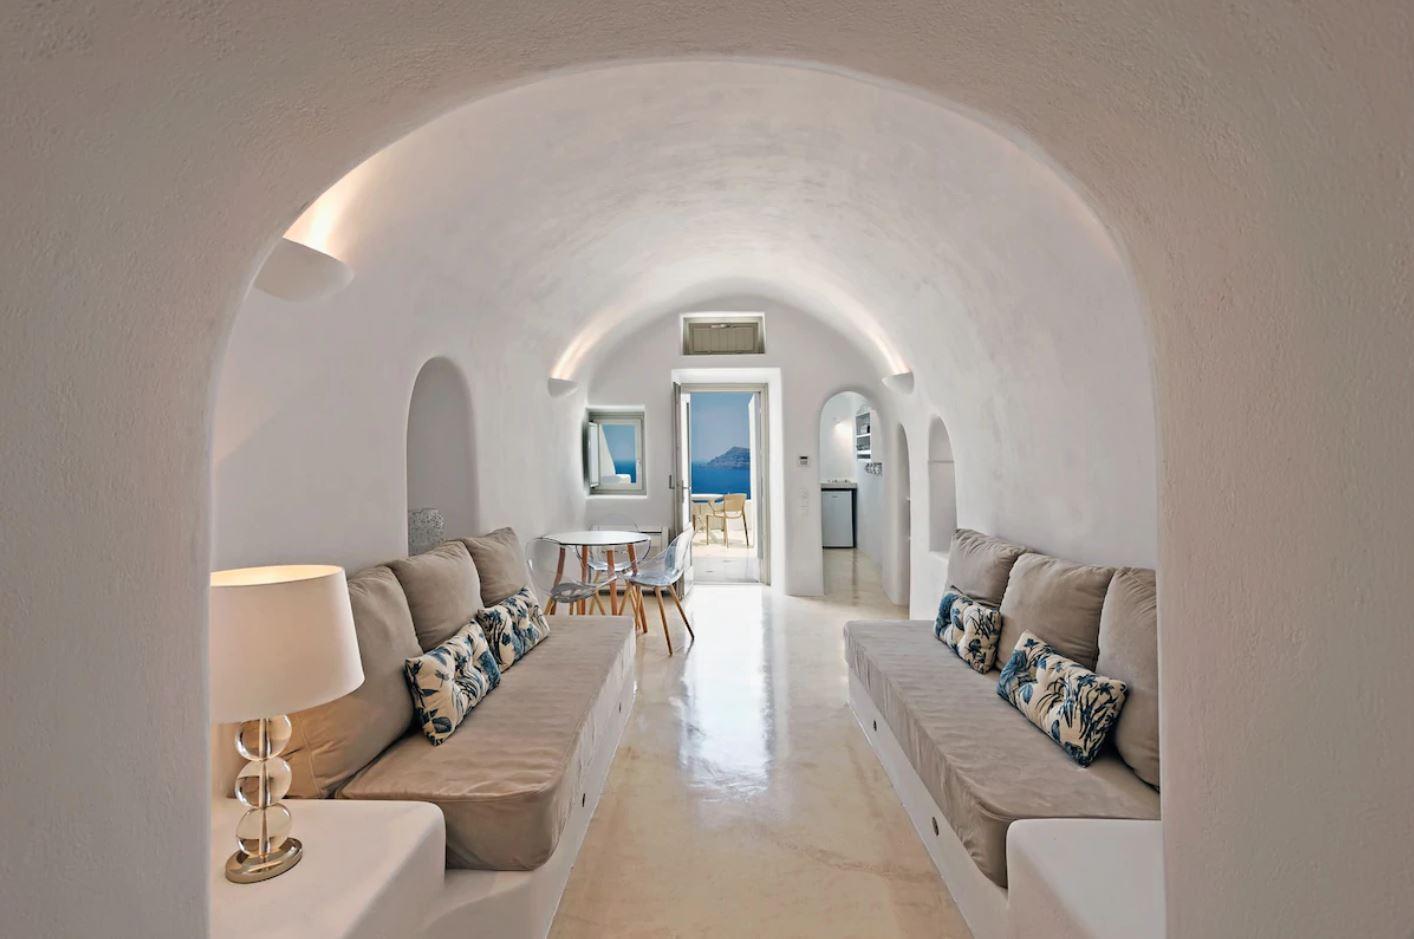 9. Volcano View Villa with Private Verandas & Jacuzzi